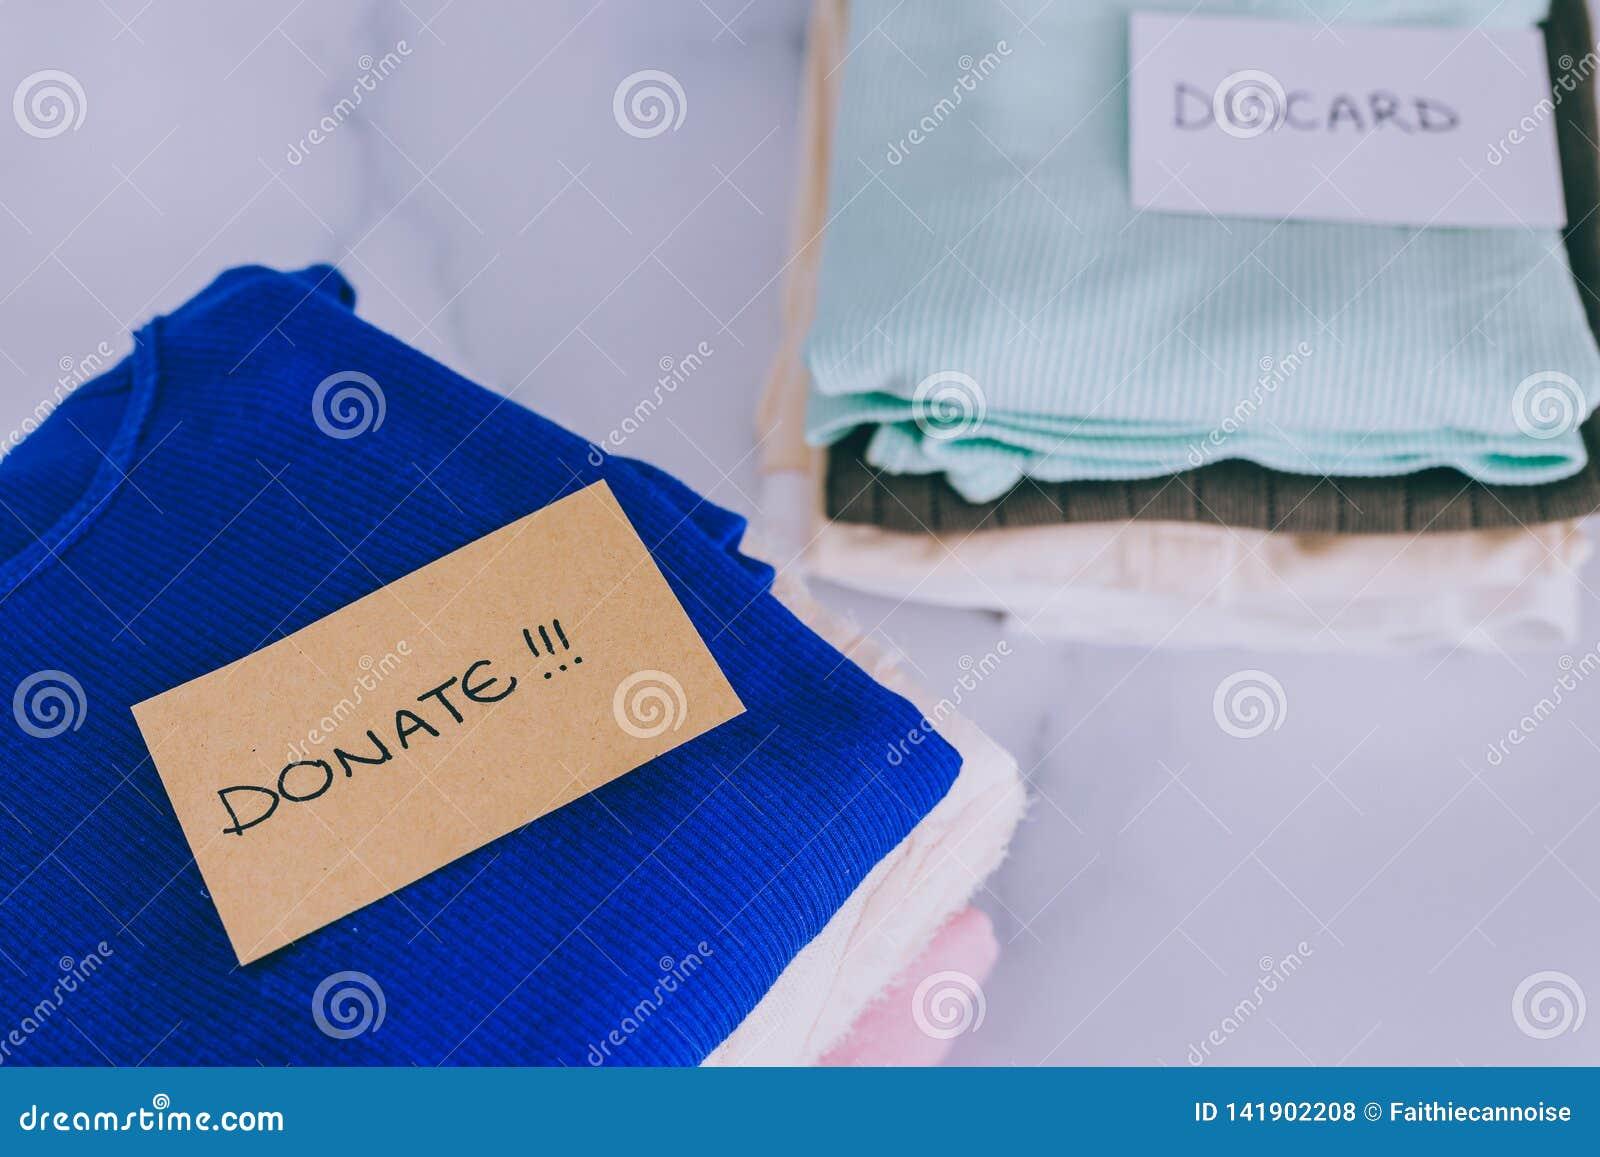 Кучи футболок и одежд будучи сортированными в держат сбрасывание и дарят категории